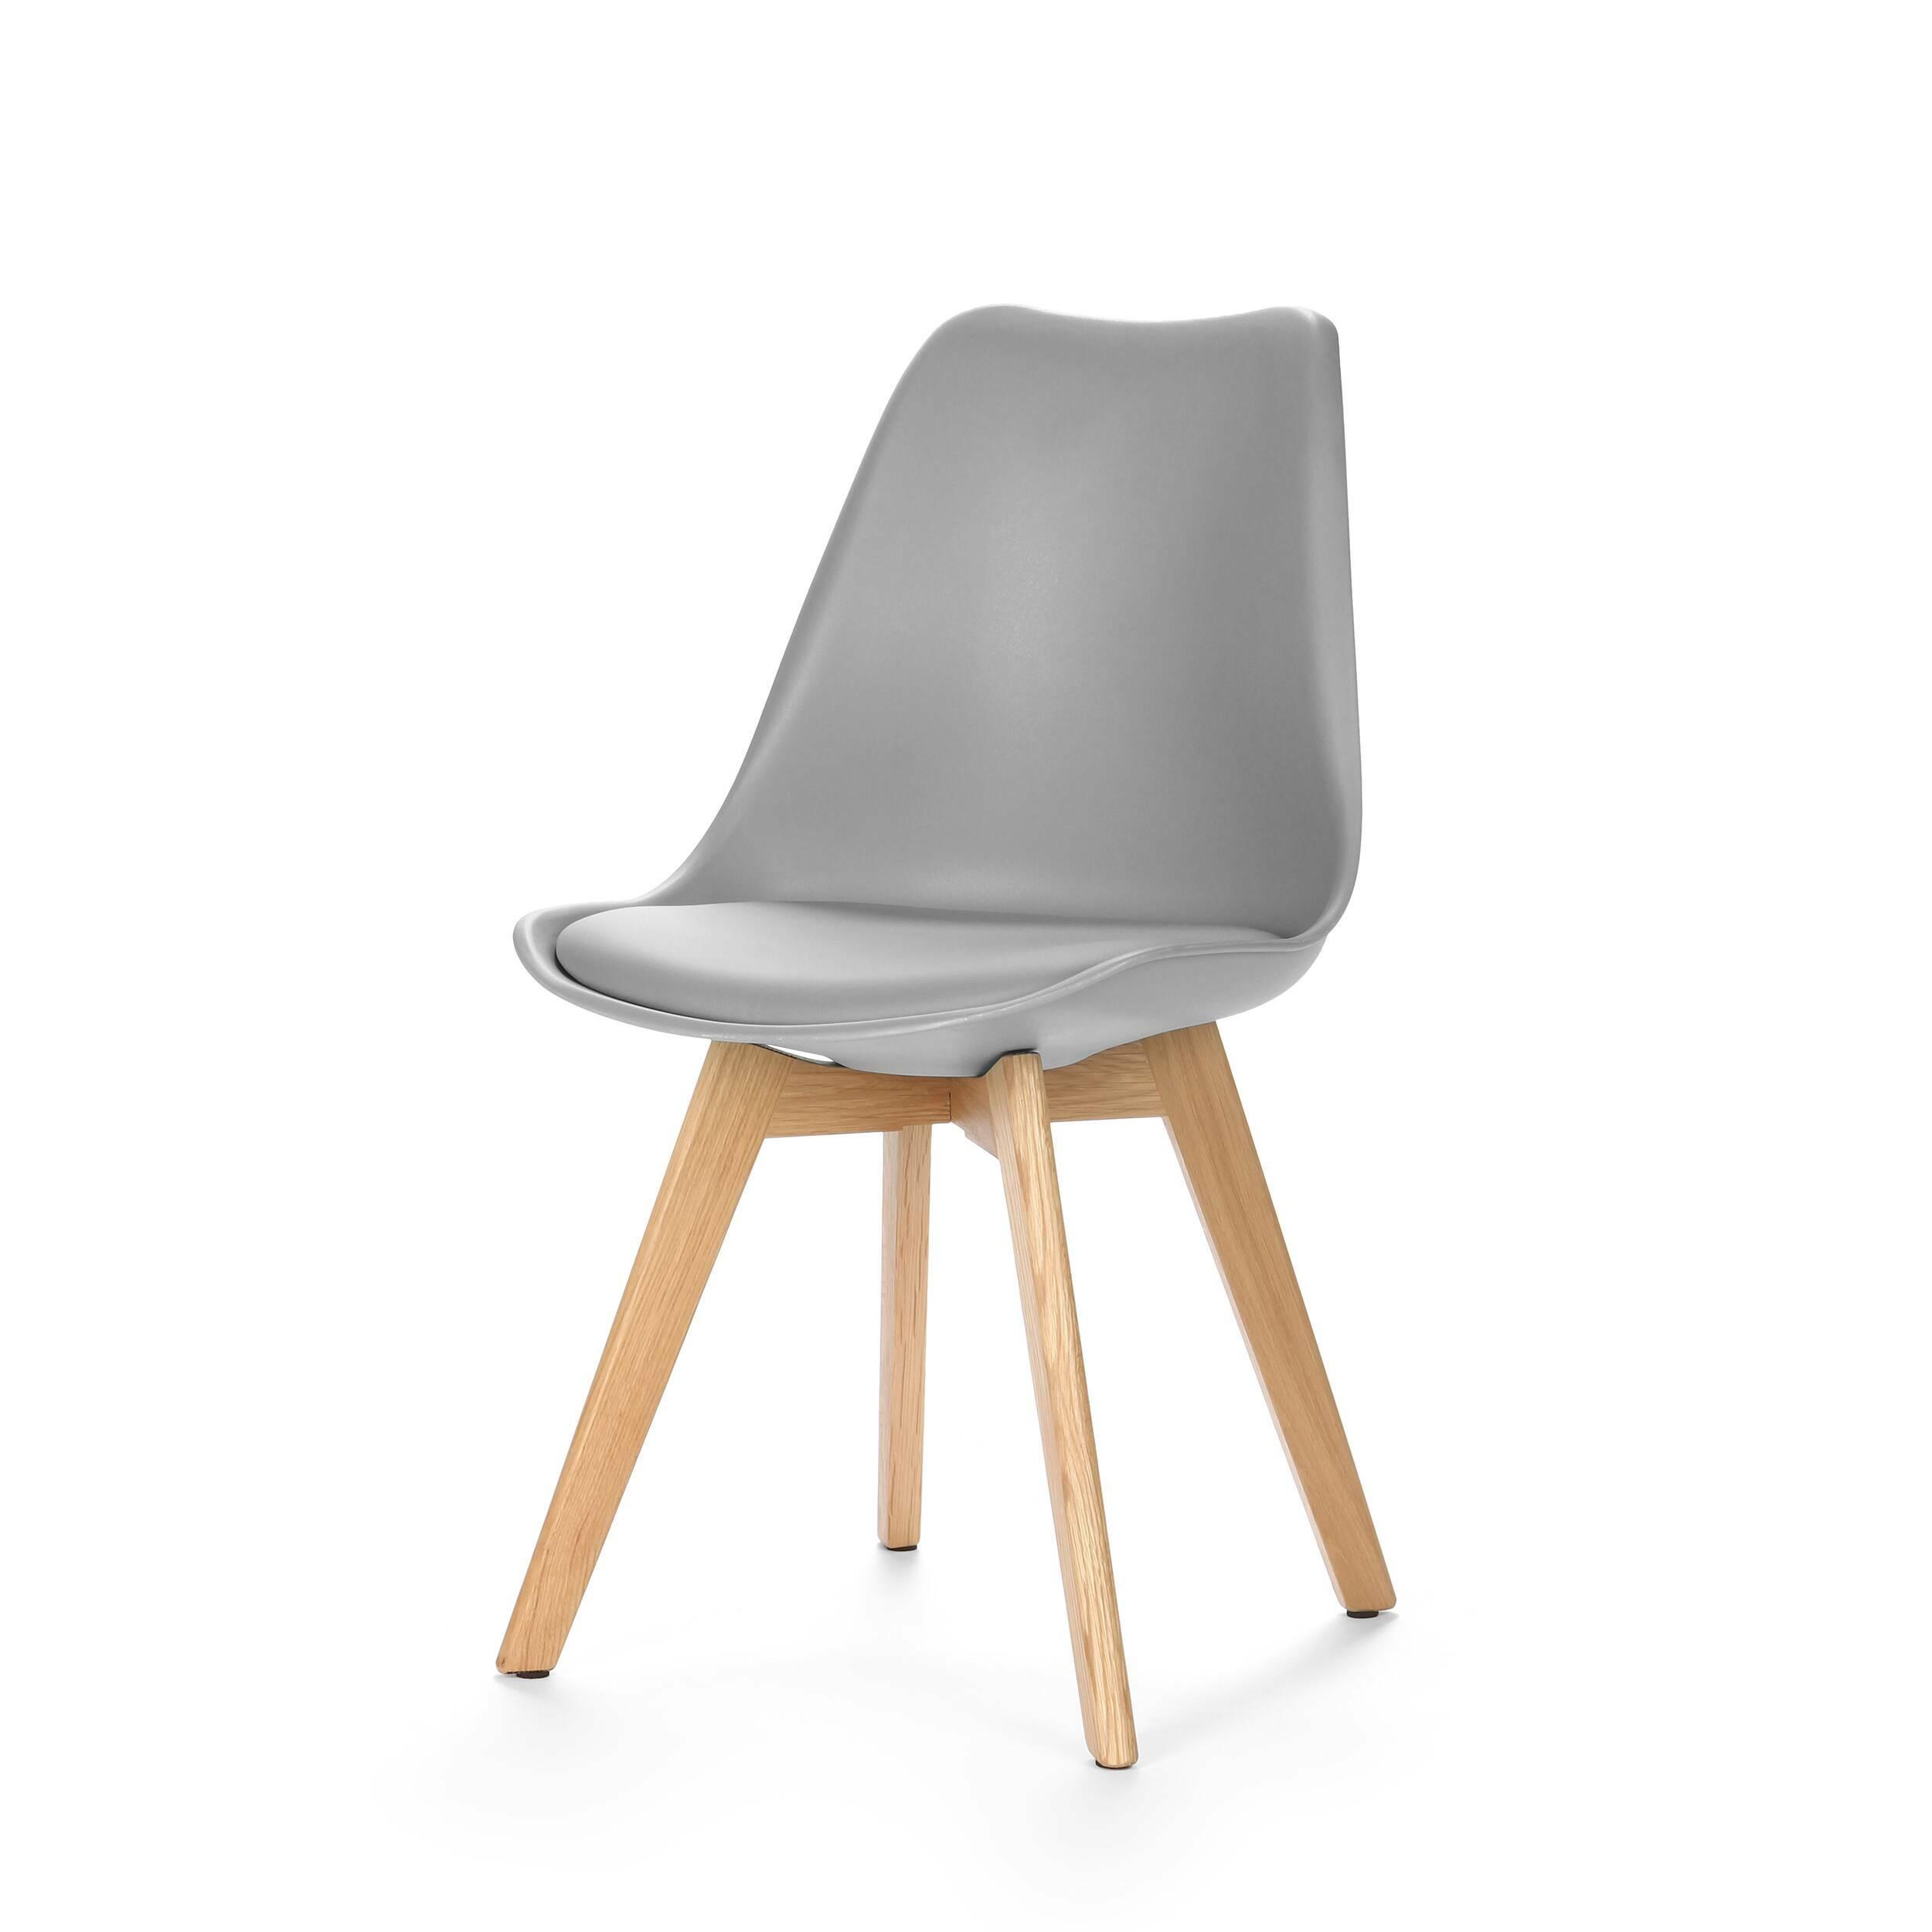 Стул SephiИнтерьерные<br>Дизайнерский креативный легкий однотонный стул Sephi (Сефи) из полиуретана на деревянных ножках от Cosmo (Космо).<br>Универсальный благодаря способности сочетаться с разными по стилю интерьерами, дизайн стула Sephi, возможно, как раз то, что вы искали. Даже если спустя время вы решили затеять ремонт, будьте уверены: и для него стул Sephi подойдет прекрасно! Экспериментируя с цветами стен, напольного покрытия или аксессуаров, создавая собственные дизайн-проекты, непременно включите в них и этот ...<br><br>stock: 0<br>Высота: 84<br>Ширина: 48.5<br>Глубина: 54.5<br>Цвет ножек: Белый дуб<br>Материал ножек: Массив дуба<br>Тип материала каркаса: Пластик<br>Материал сидения: Полиуретан<br>Цвет сидения: Серый<br>Тип материала сидения: Кожа искусственная<br>Тип материала ножек: Дерево<br>Цвет каркаса: Серый